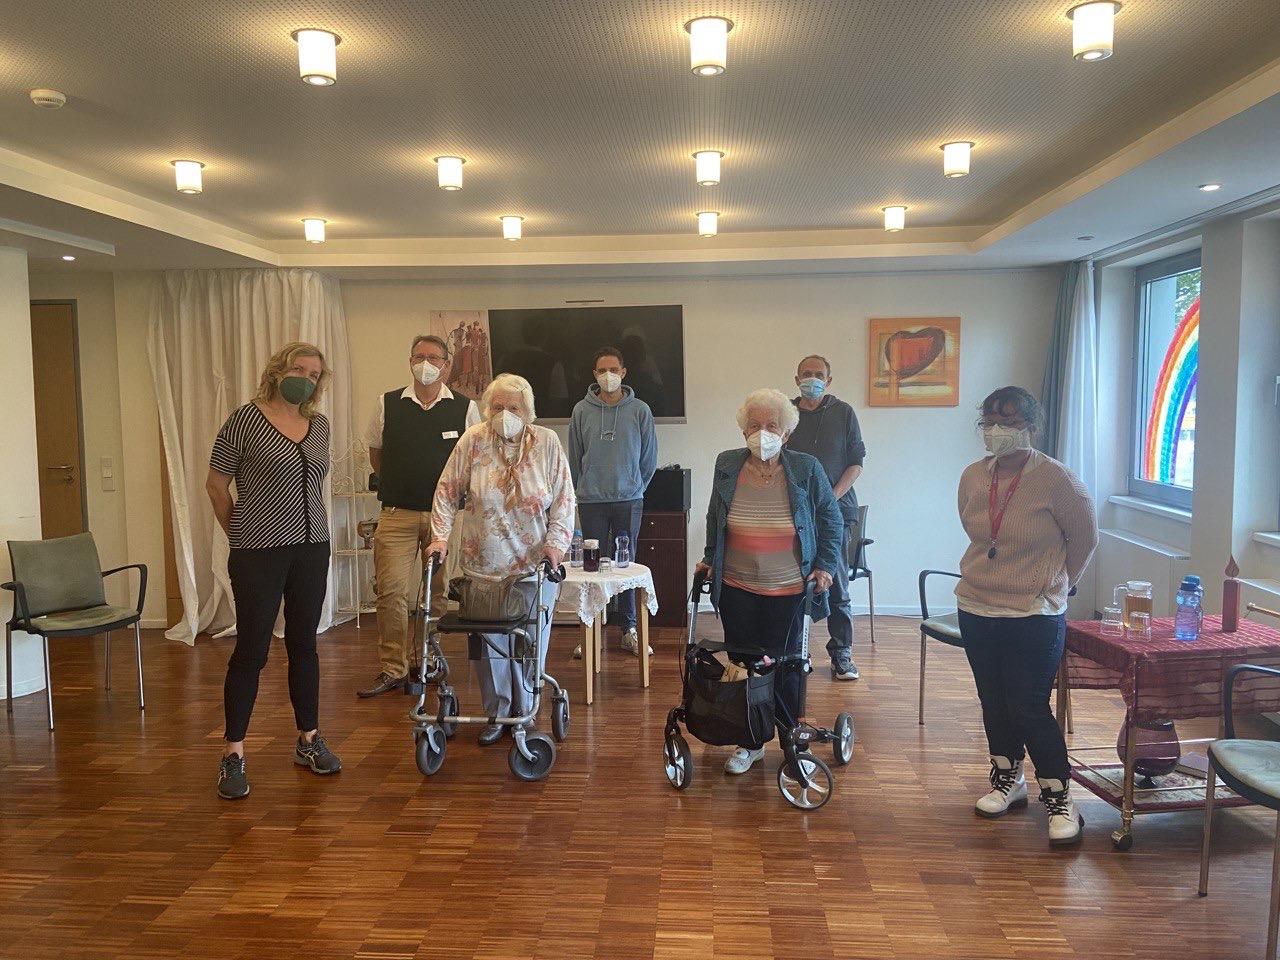 Zu Besuch im Immanuel-Seniorenzentrum Schöneberg